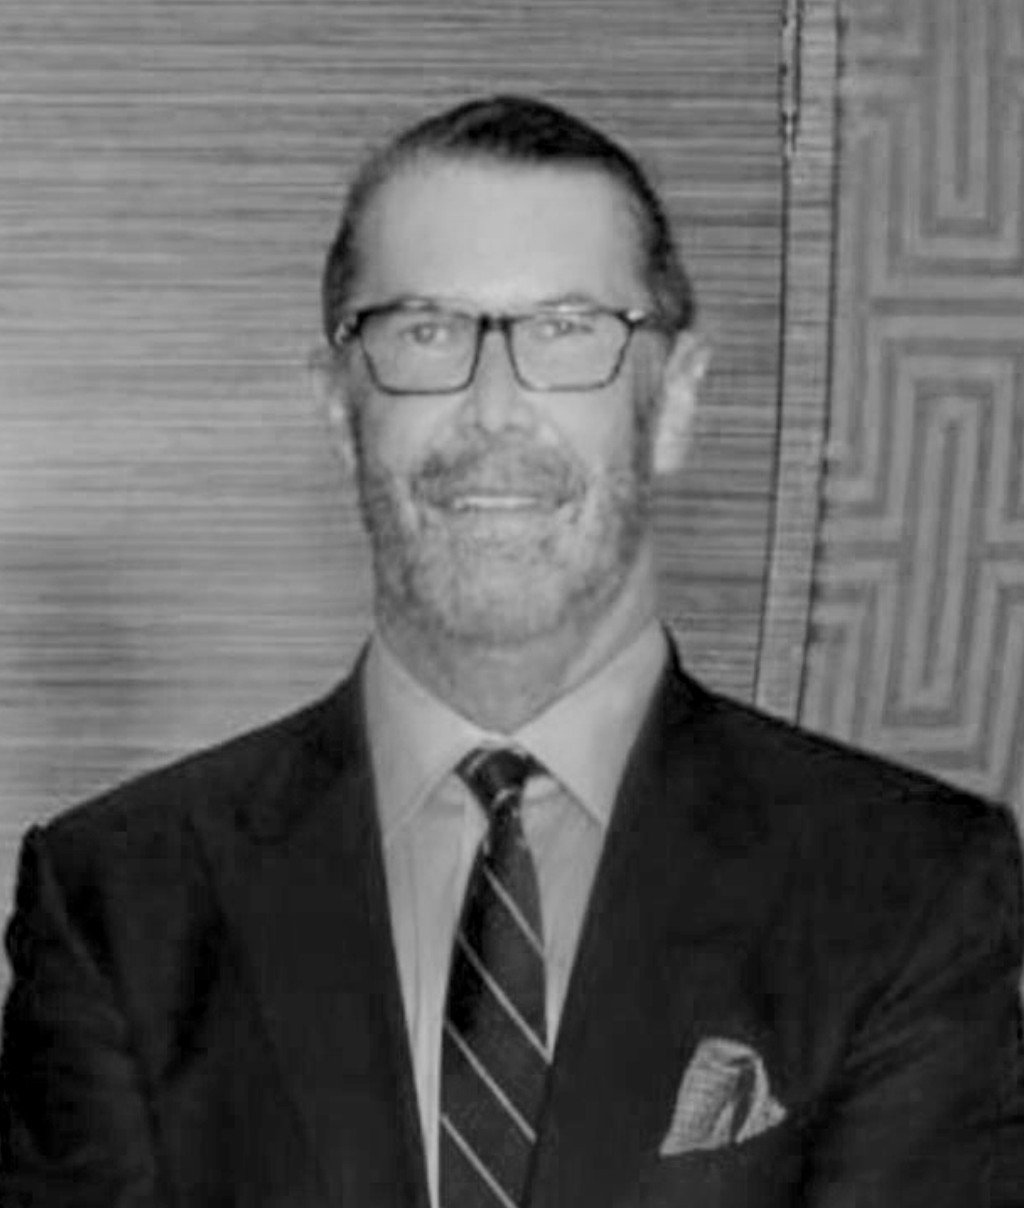 Damien O'Brien